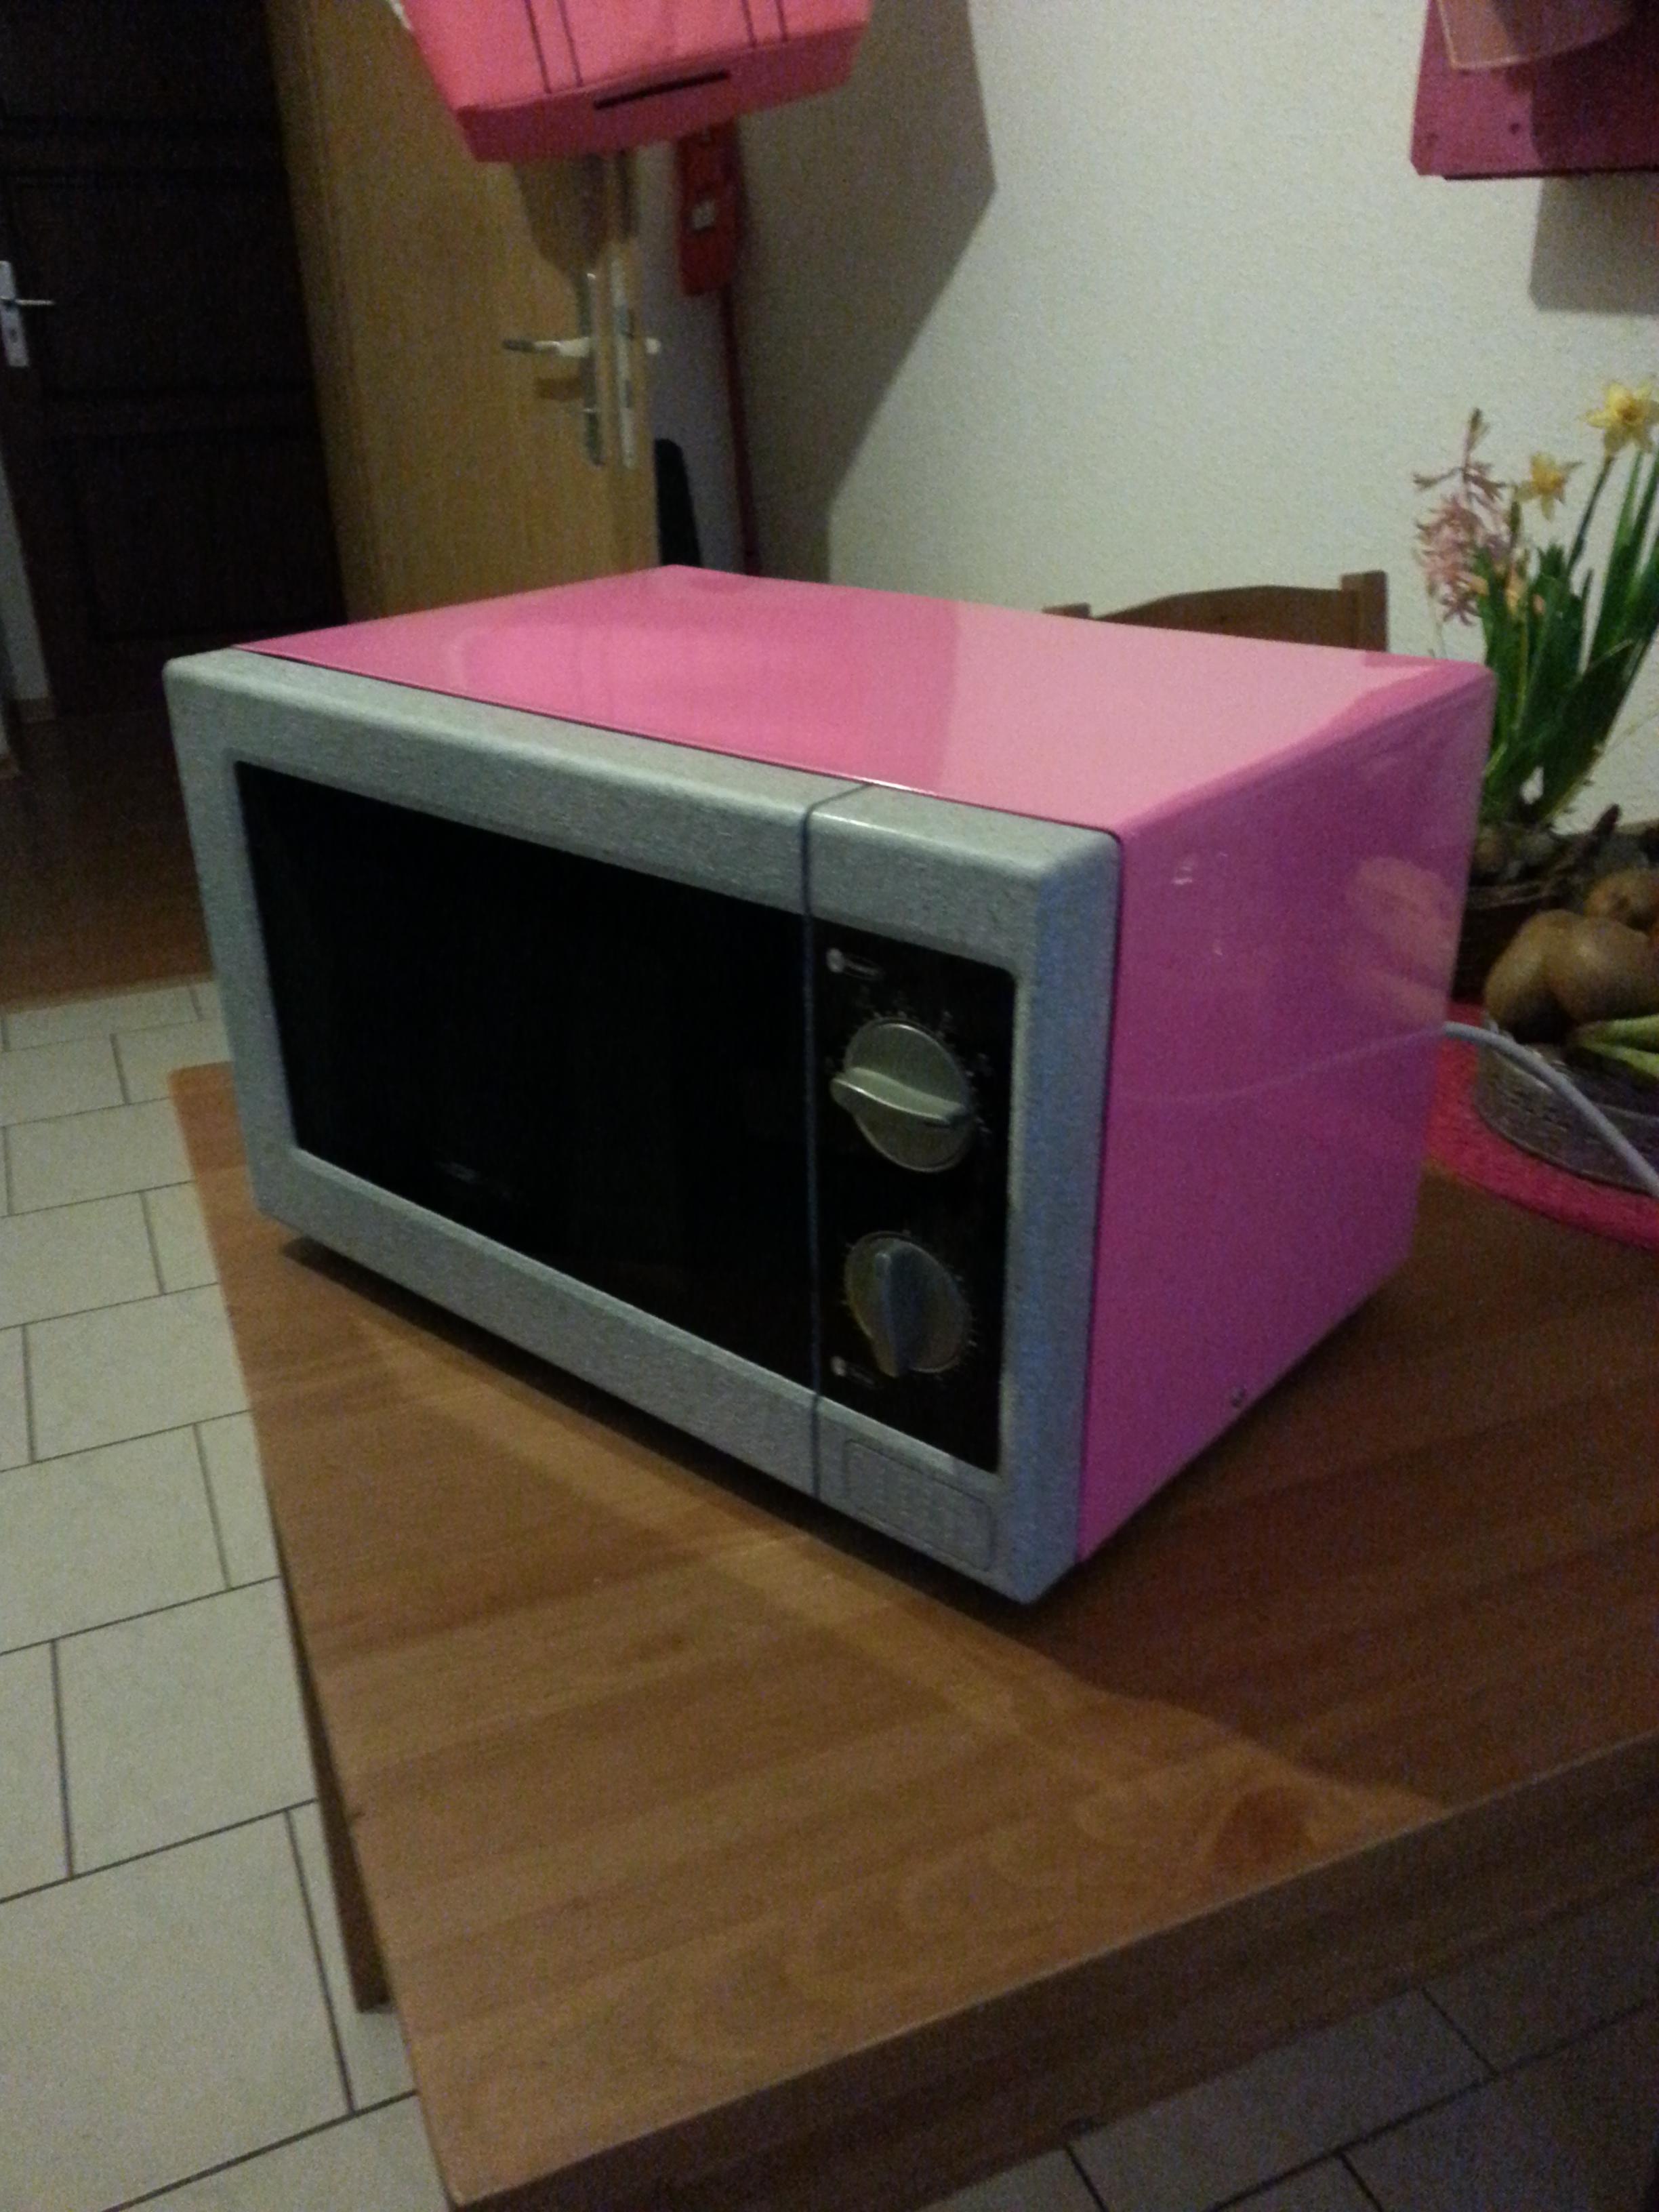 Mikrowelle in pink gepulvert mit Granit-steinfront